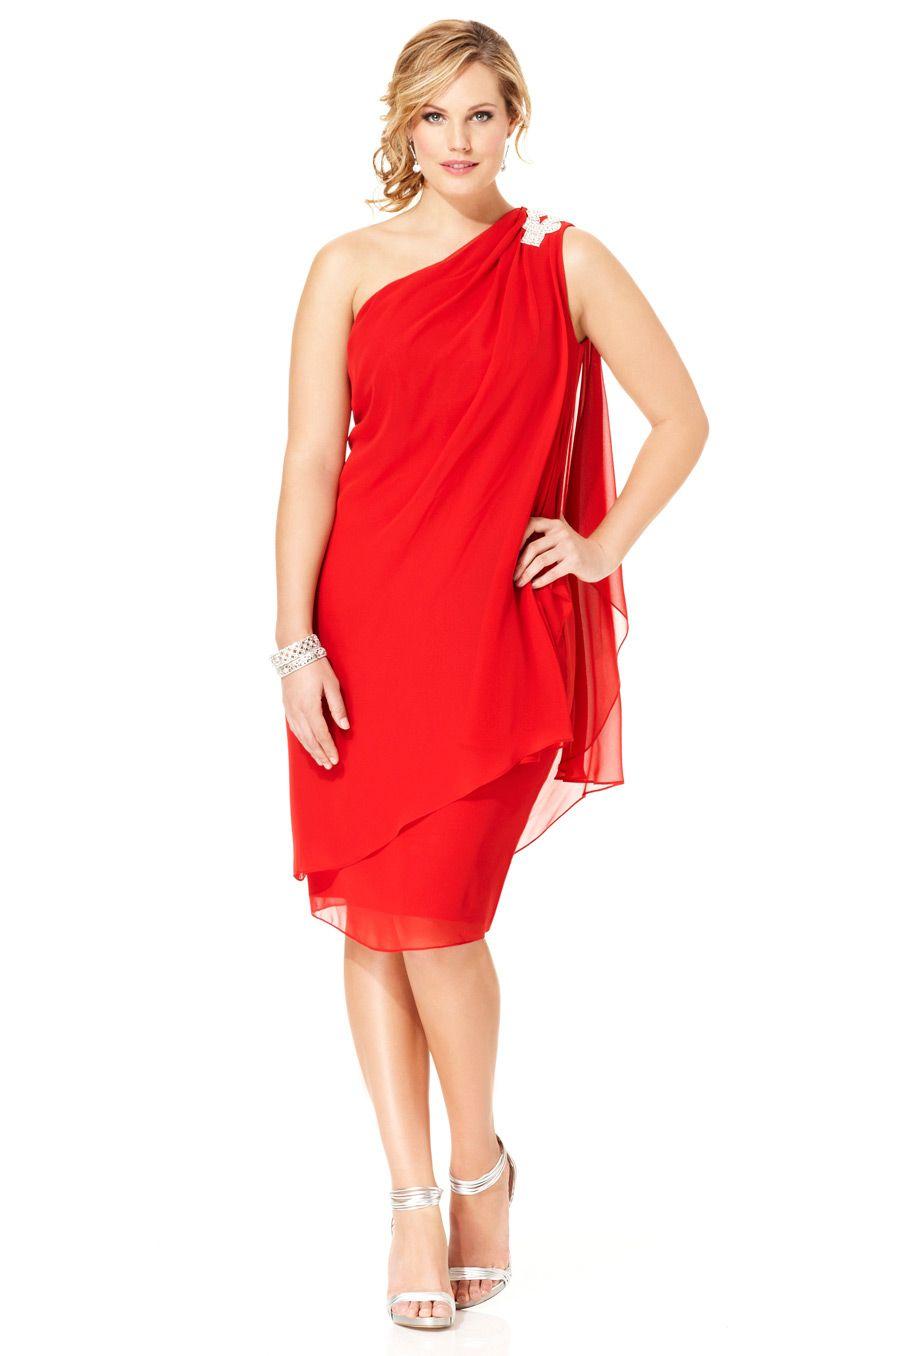 Alle Kleider sommerkleider in übergrößen : Plus Size Embellished Chiffon One Shoulder Dress | Plus Size Party ...